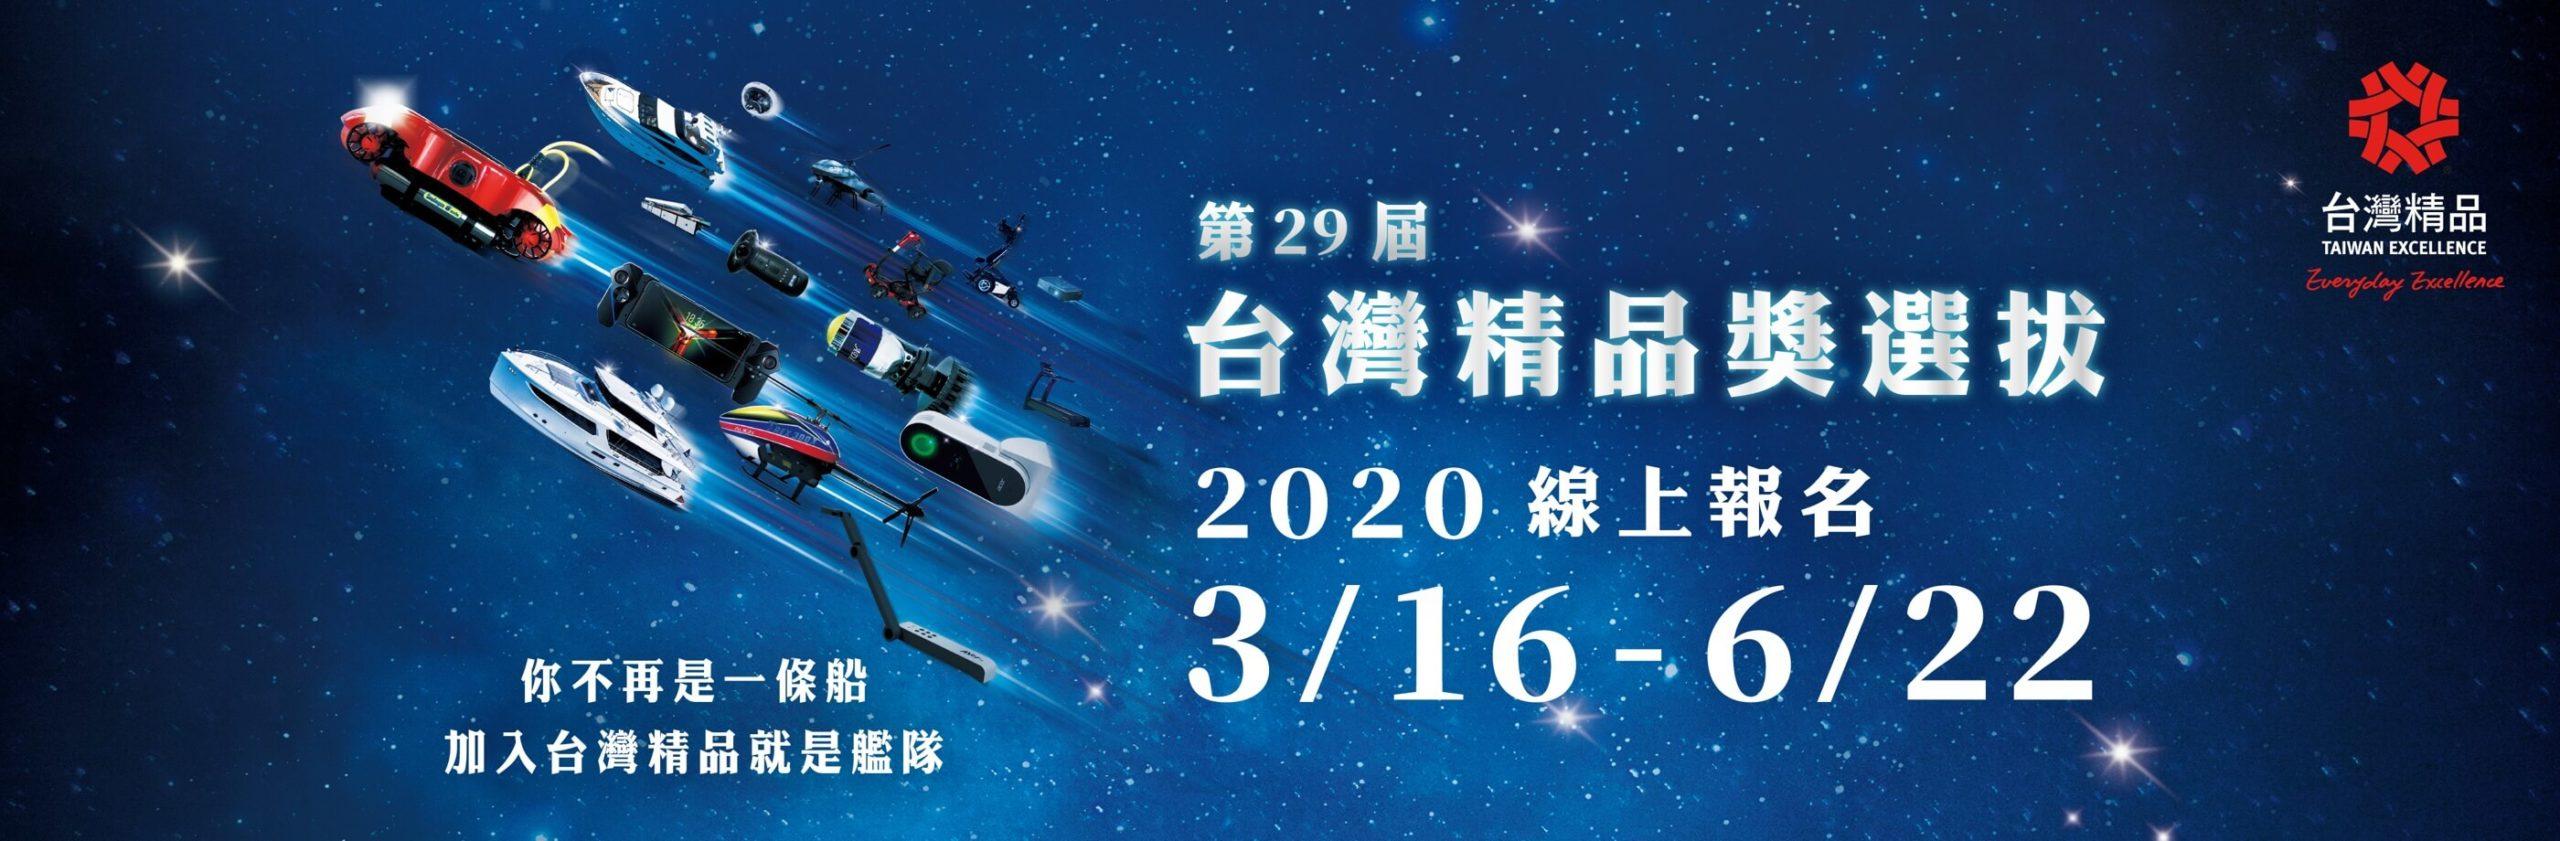 202第二十九屆台灣精品獎選拔